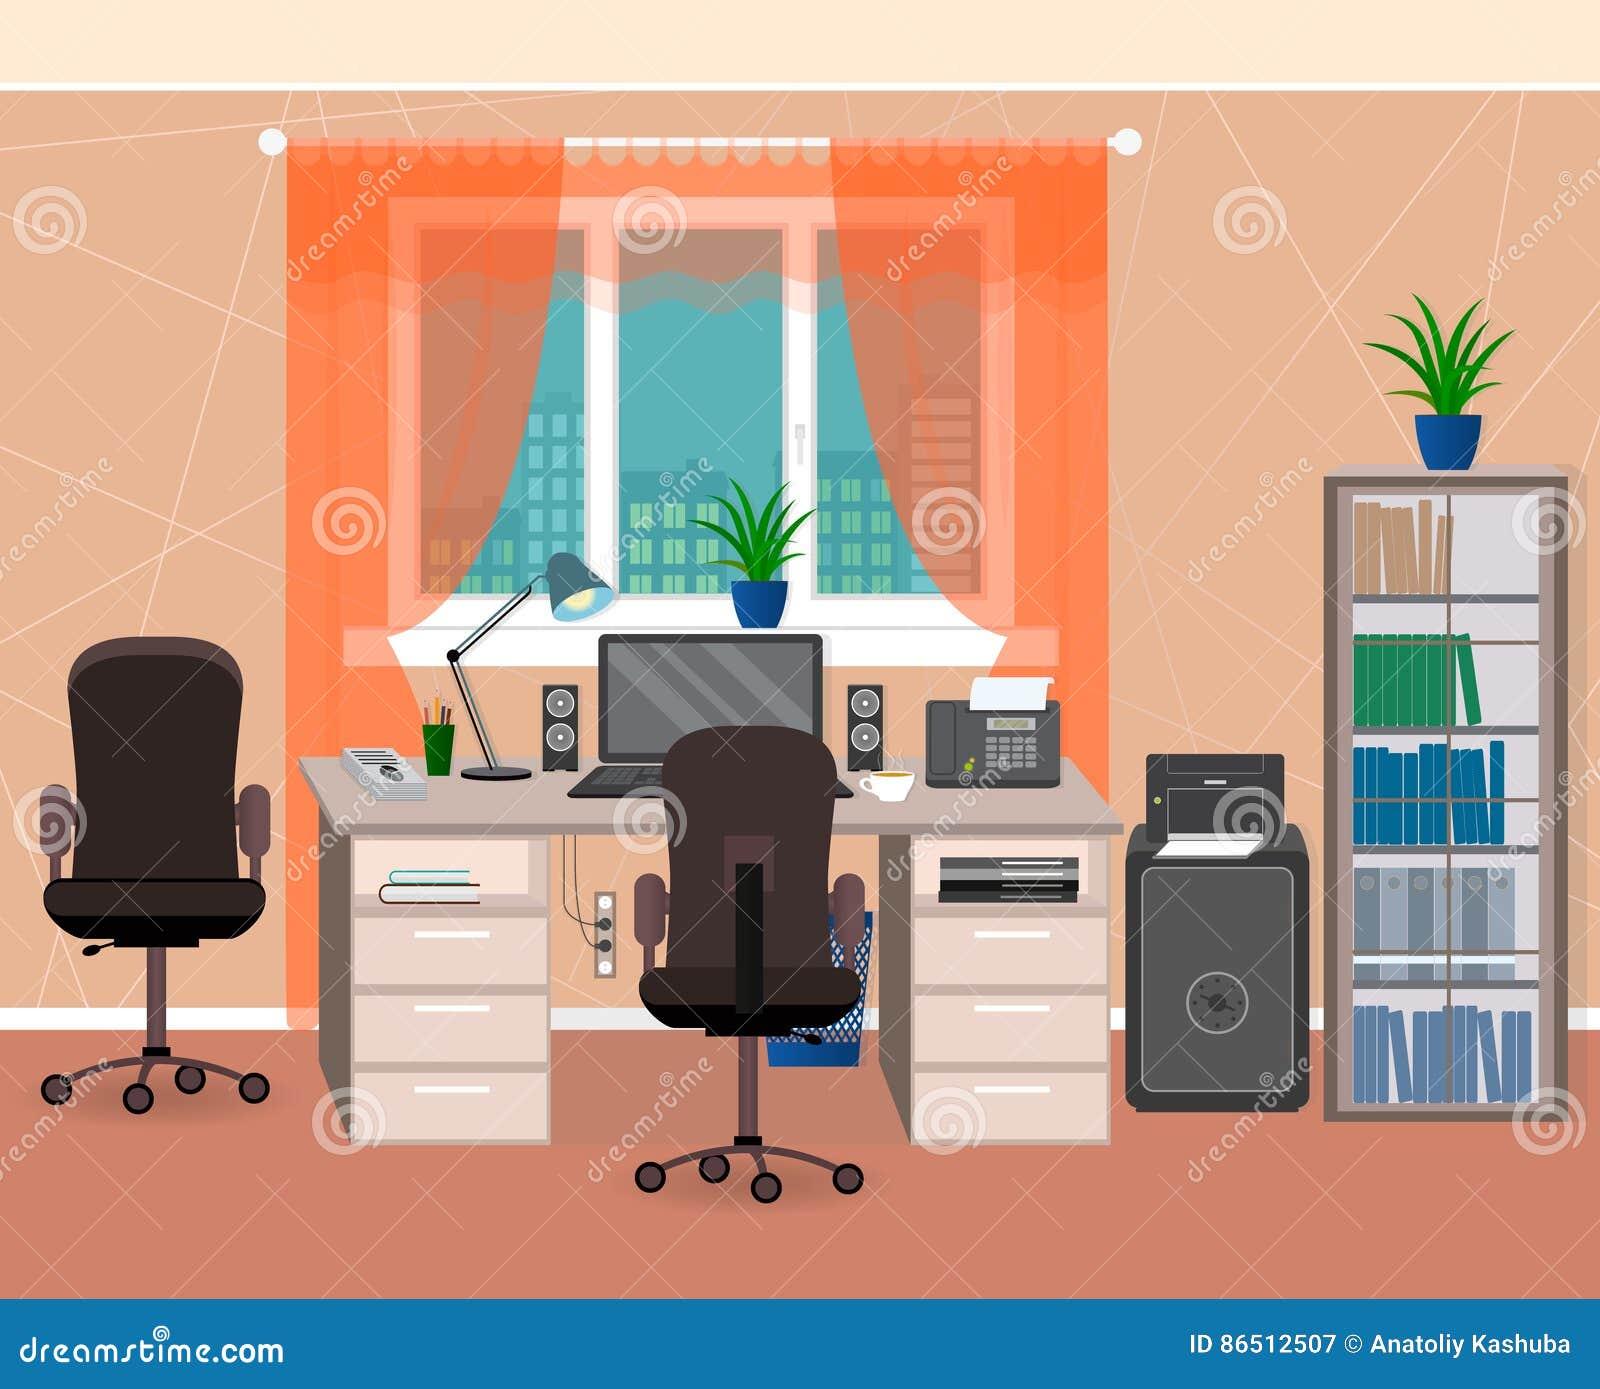 Место для работы офиса внутреннее с мебелью и канцелярскими принадлежностями Организация рабочего места в домашнем окружении